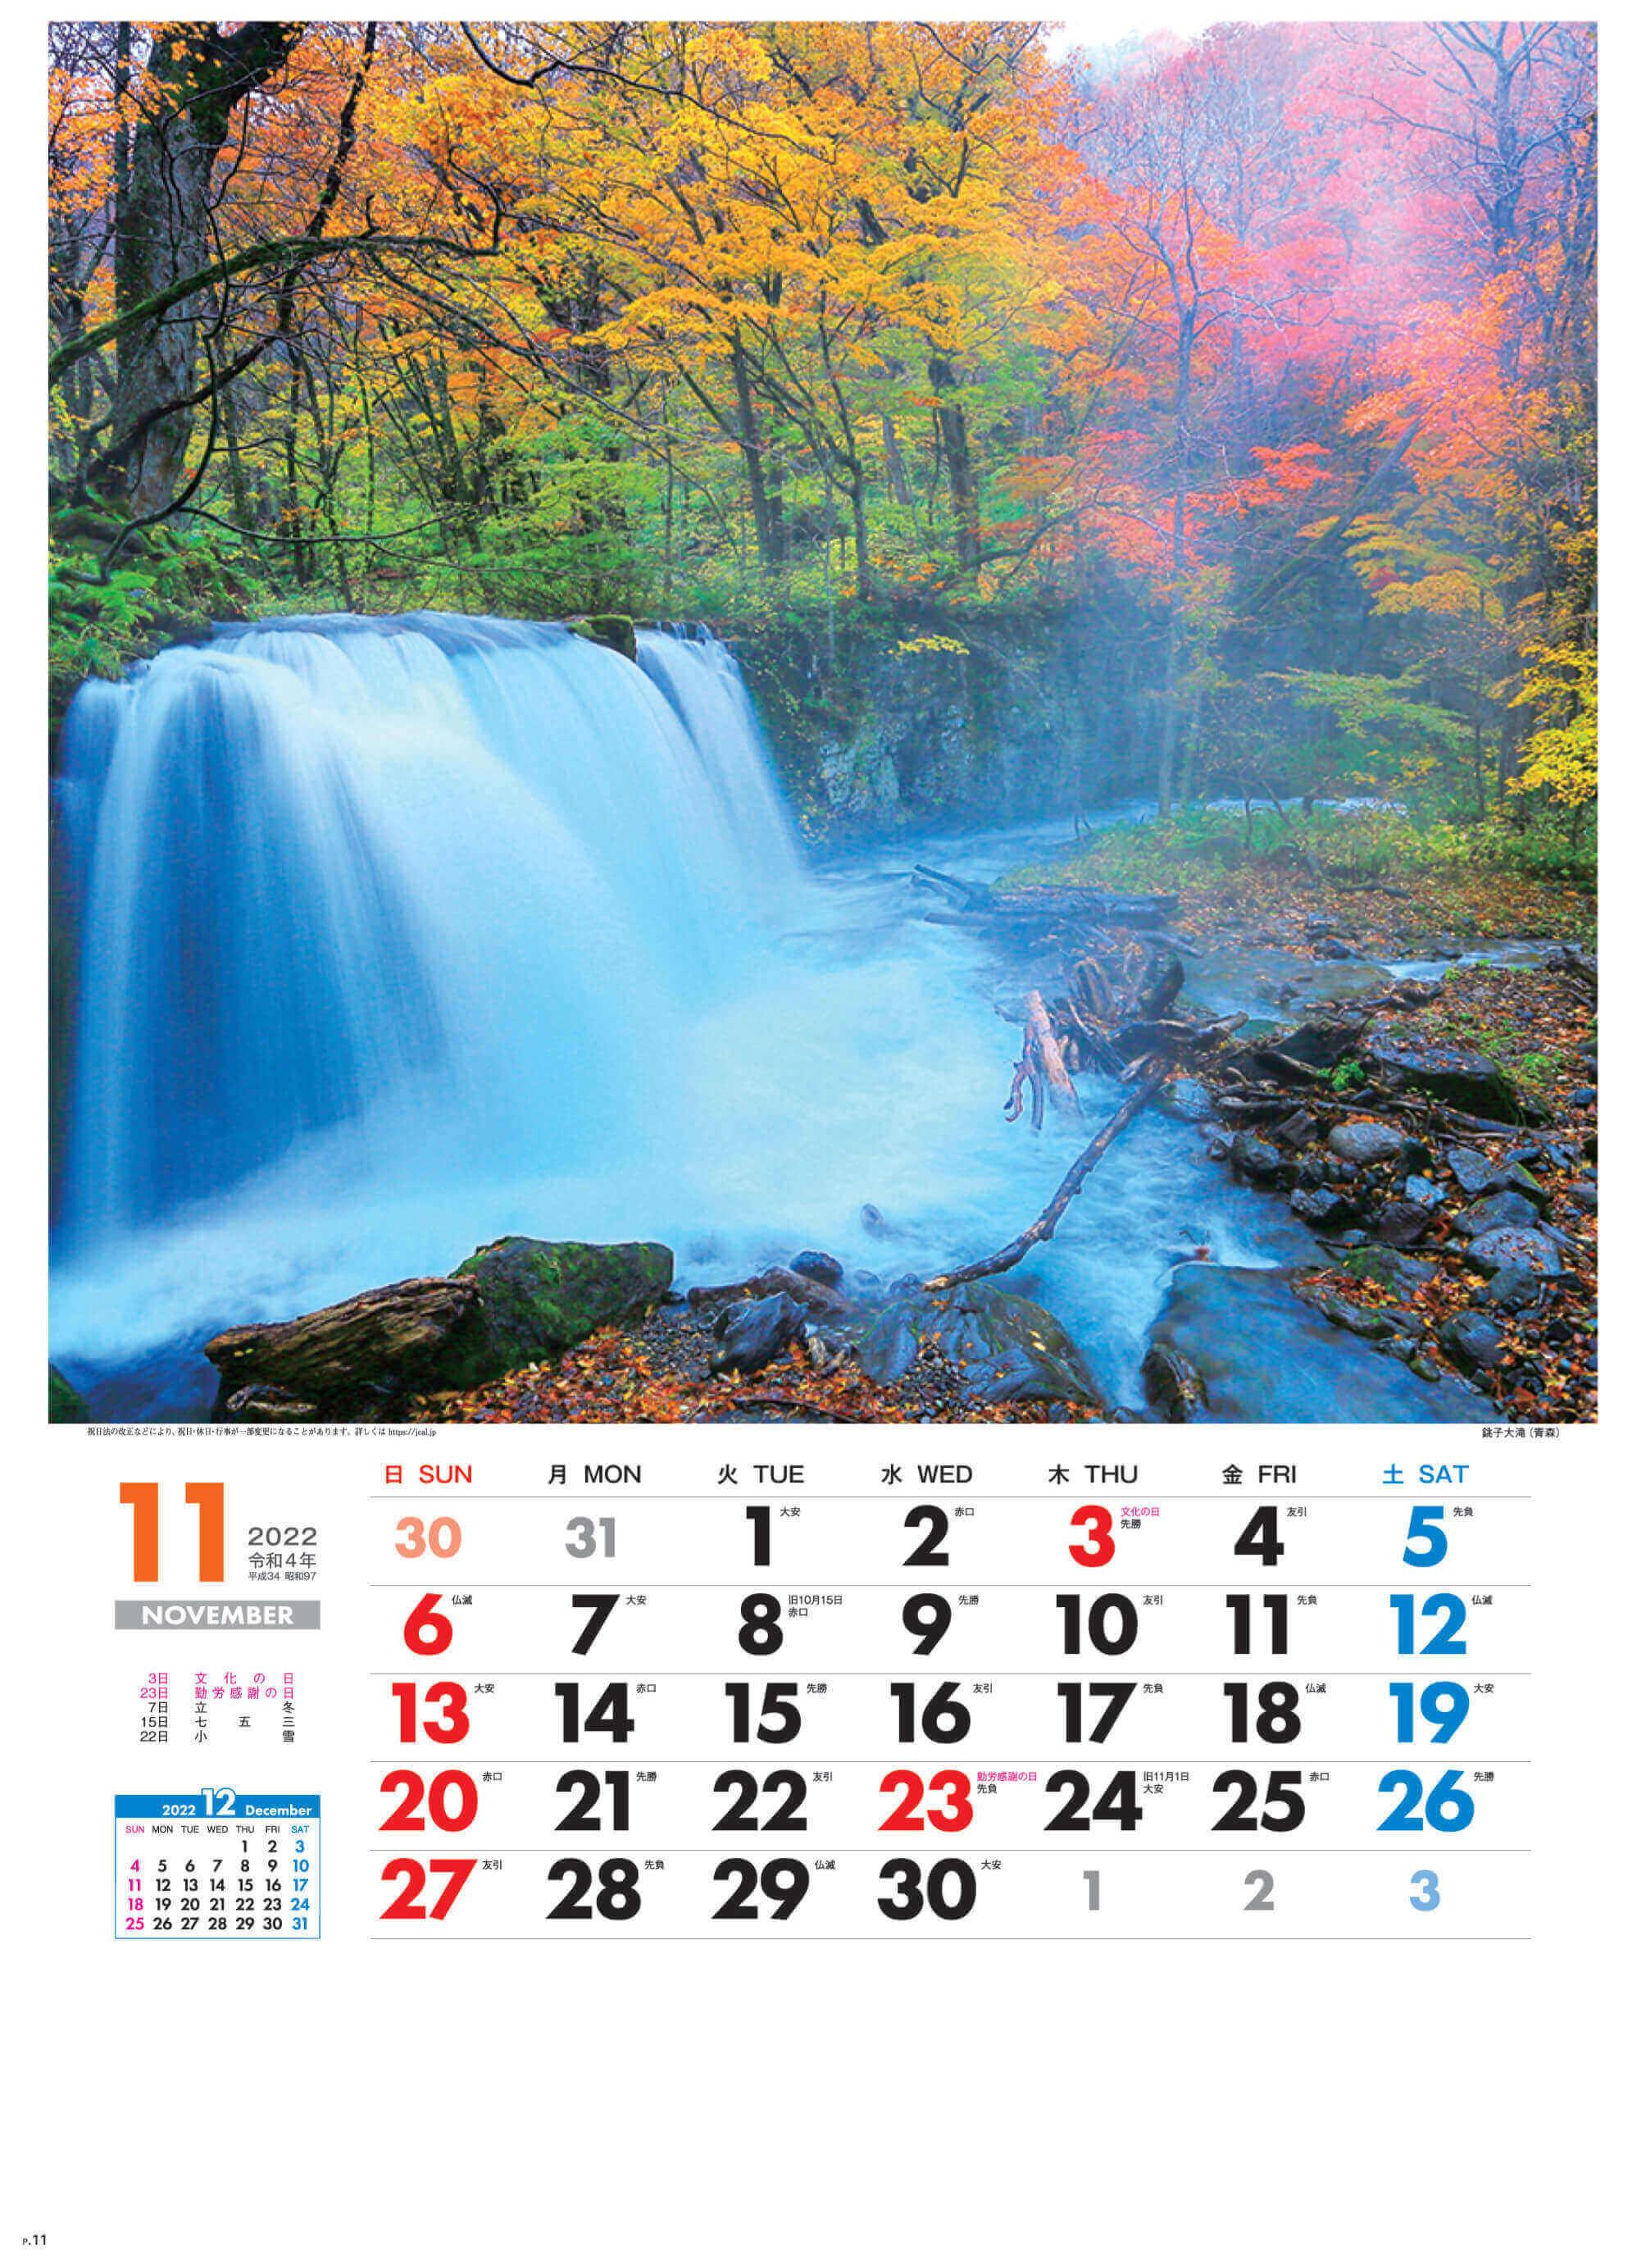 11月 銚子大滝(青森) 美しき日本 2022年カレンダーの画像